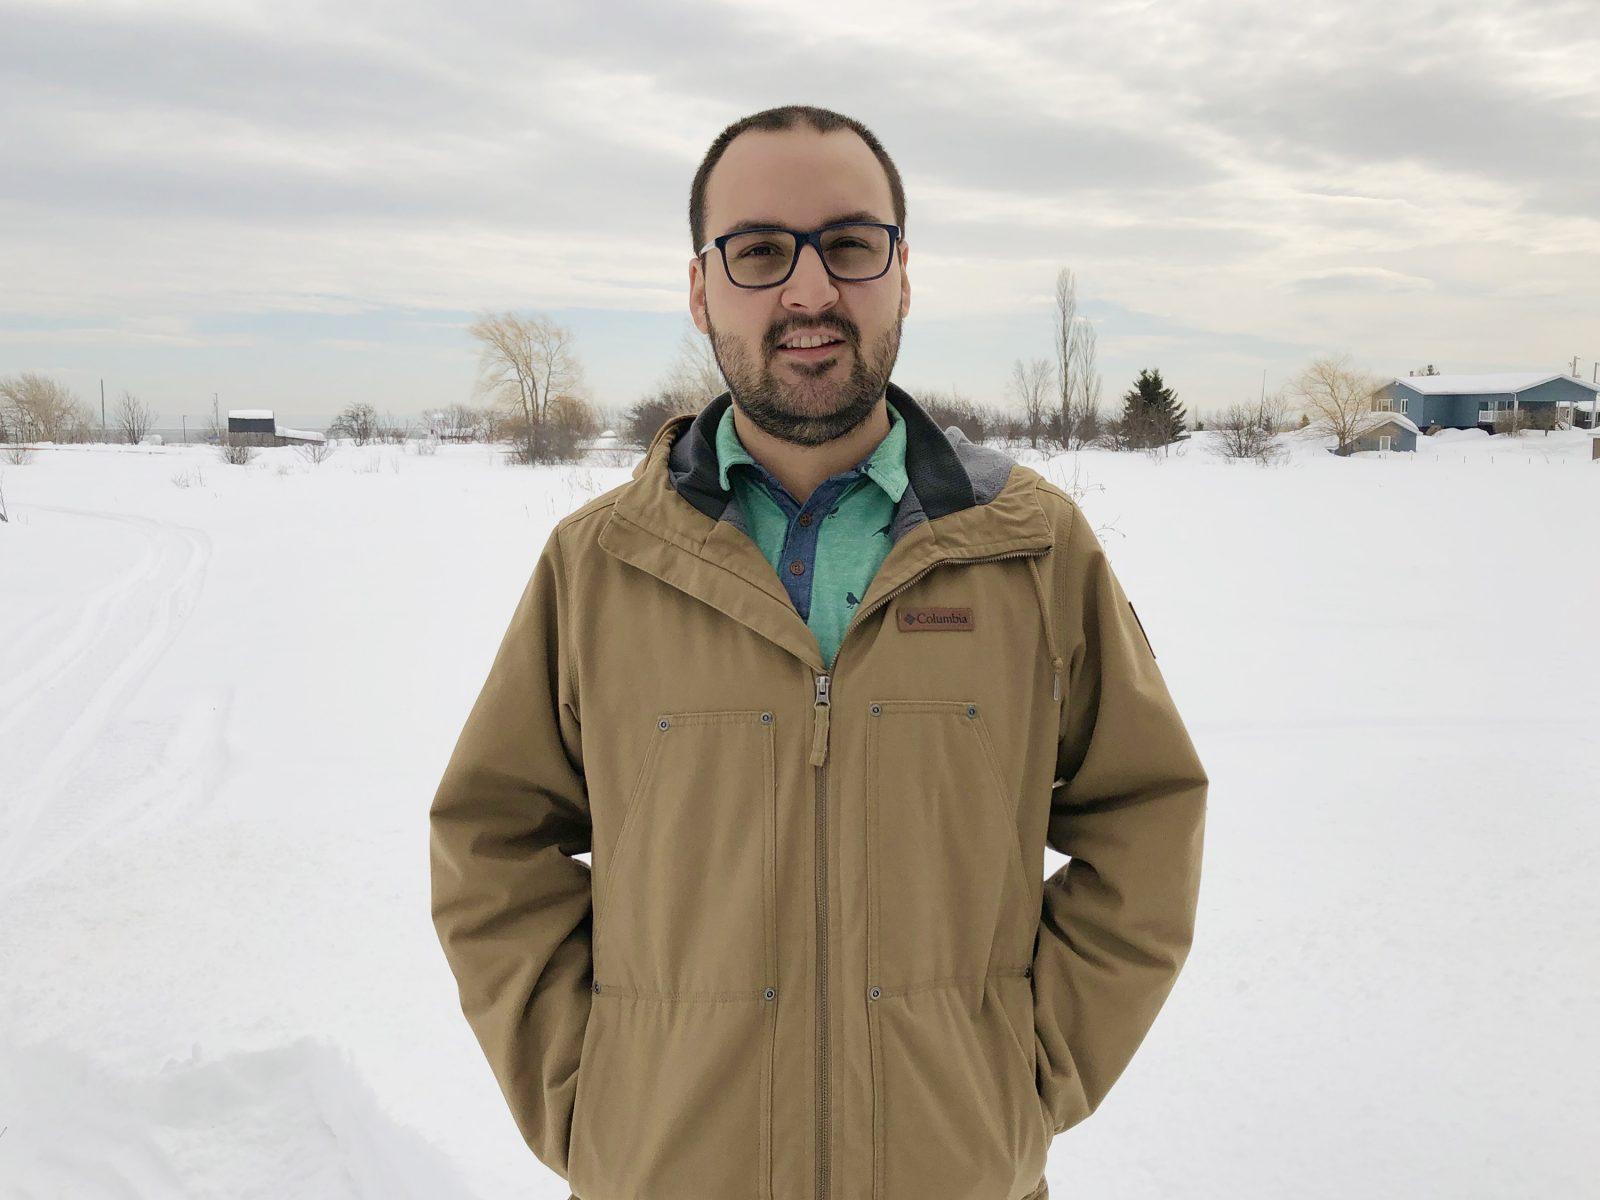 Alexandre Tremblay est le nouvel agent de développement touristique des Éboulements et Saint-Irénée